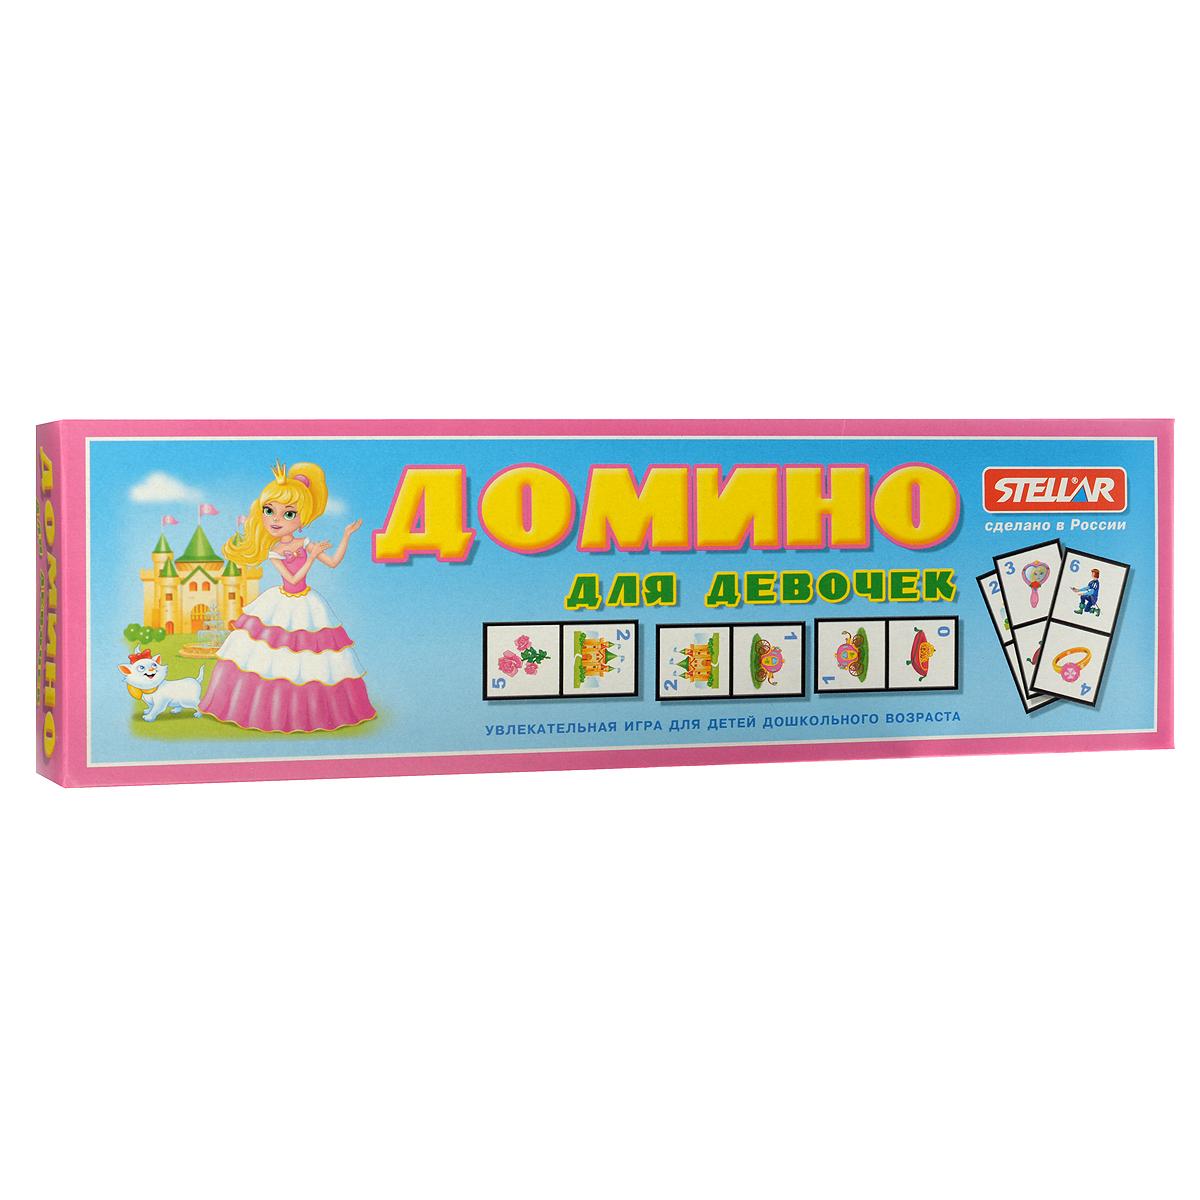 Домино Stellar Для девочек00019Домино Stellar Для девочек позволит вам и вашему малышу весело и с пользой провести время. Комплект игры включает в себя 28 фишек с красочными изображениями игрушек для девочек. Фишки выполнены из безопасного полистирола. Каждый игрок должен добавить в цепочку из фишек одну их своих фишек так, чтобы изображение на ней подошло к изображению на конце цепи. Если в руках у игрока нет подходящей фишки, он берет дополнительные до тех пор, пока не попадется нужная. Выигрывает тот, кто первым выложит все свои фишки. Также красочные фишки можно использовать в качестве обучающего материала - на примере картинок вы сможете рассказать ребенку об окружающем мире. Игра в домино не только подарит малышу множество веселых мгновений, но и поможет познакомиться с новыми словами, а также развить внимательность, пространственное мышление и мелкую моторику.